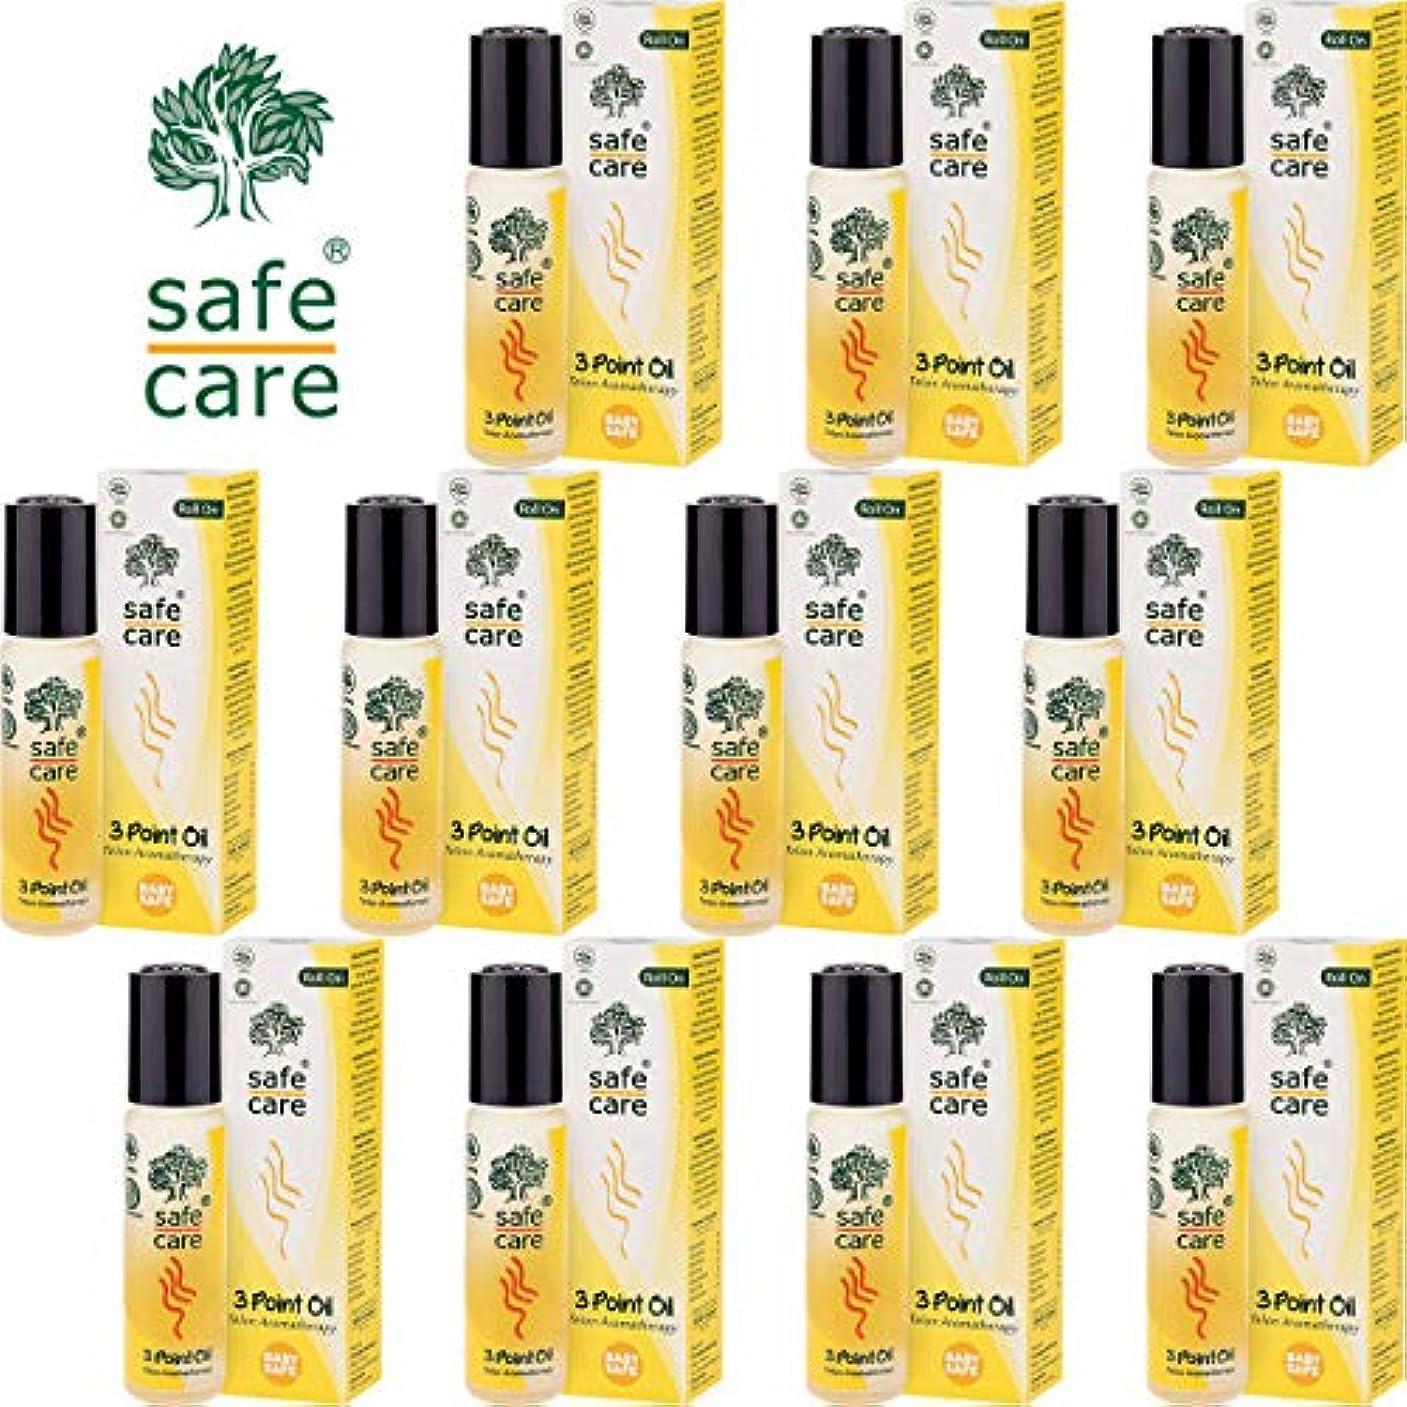 メガロポリス継承呼び出すSafe Care セーフケア Aromatherapy Telon 3Point Oil アロマテラピー リフレッシュオイル テロン3ポイントオイル ロールオン 10ml×11本セット [海外直送品]